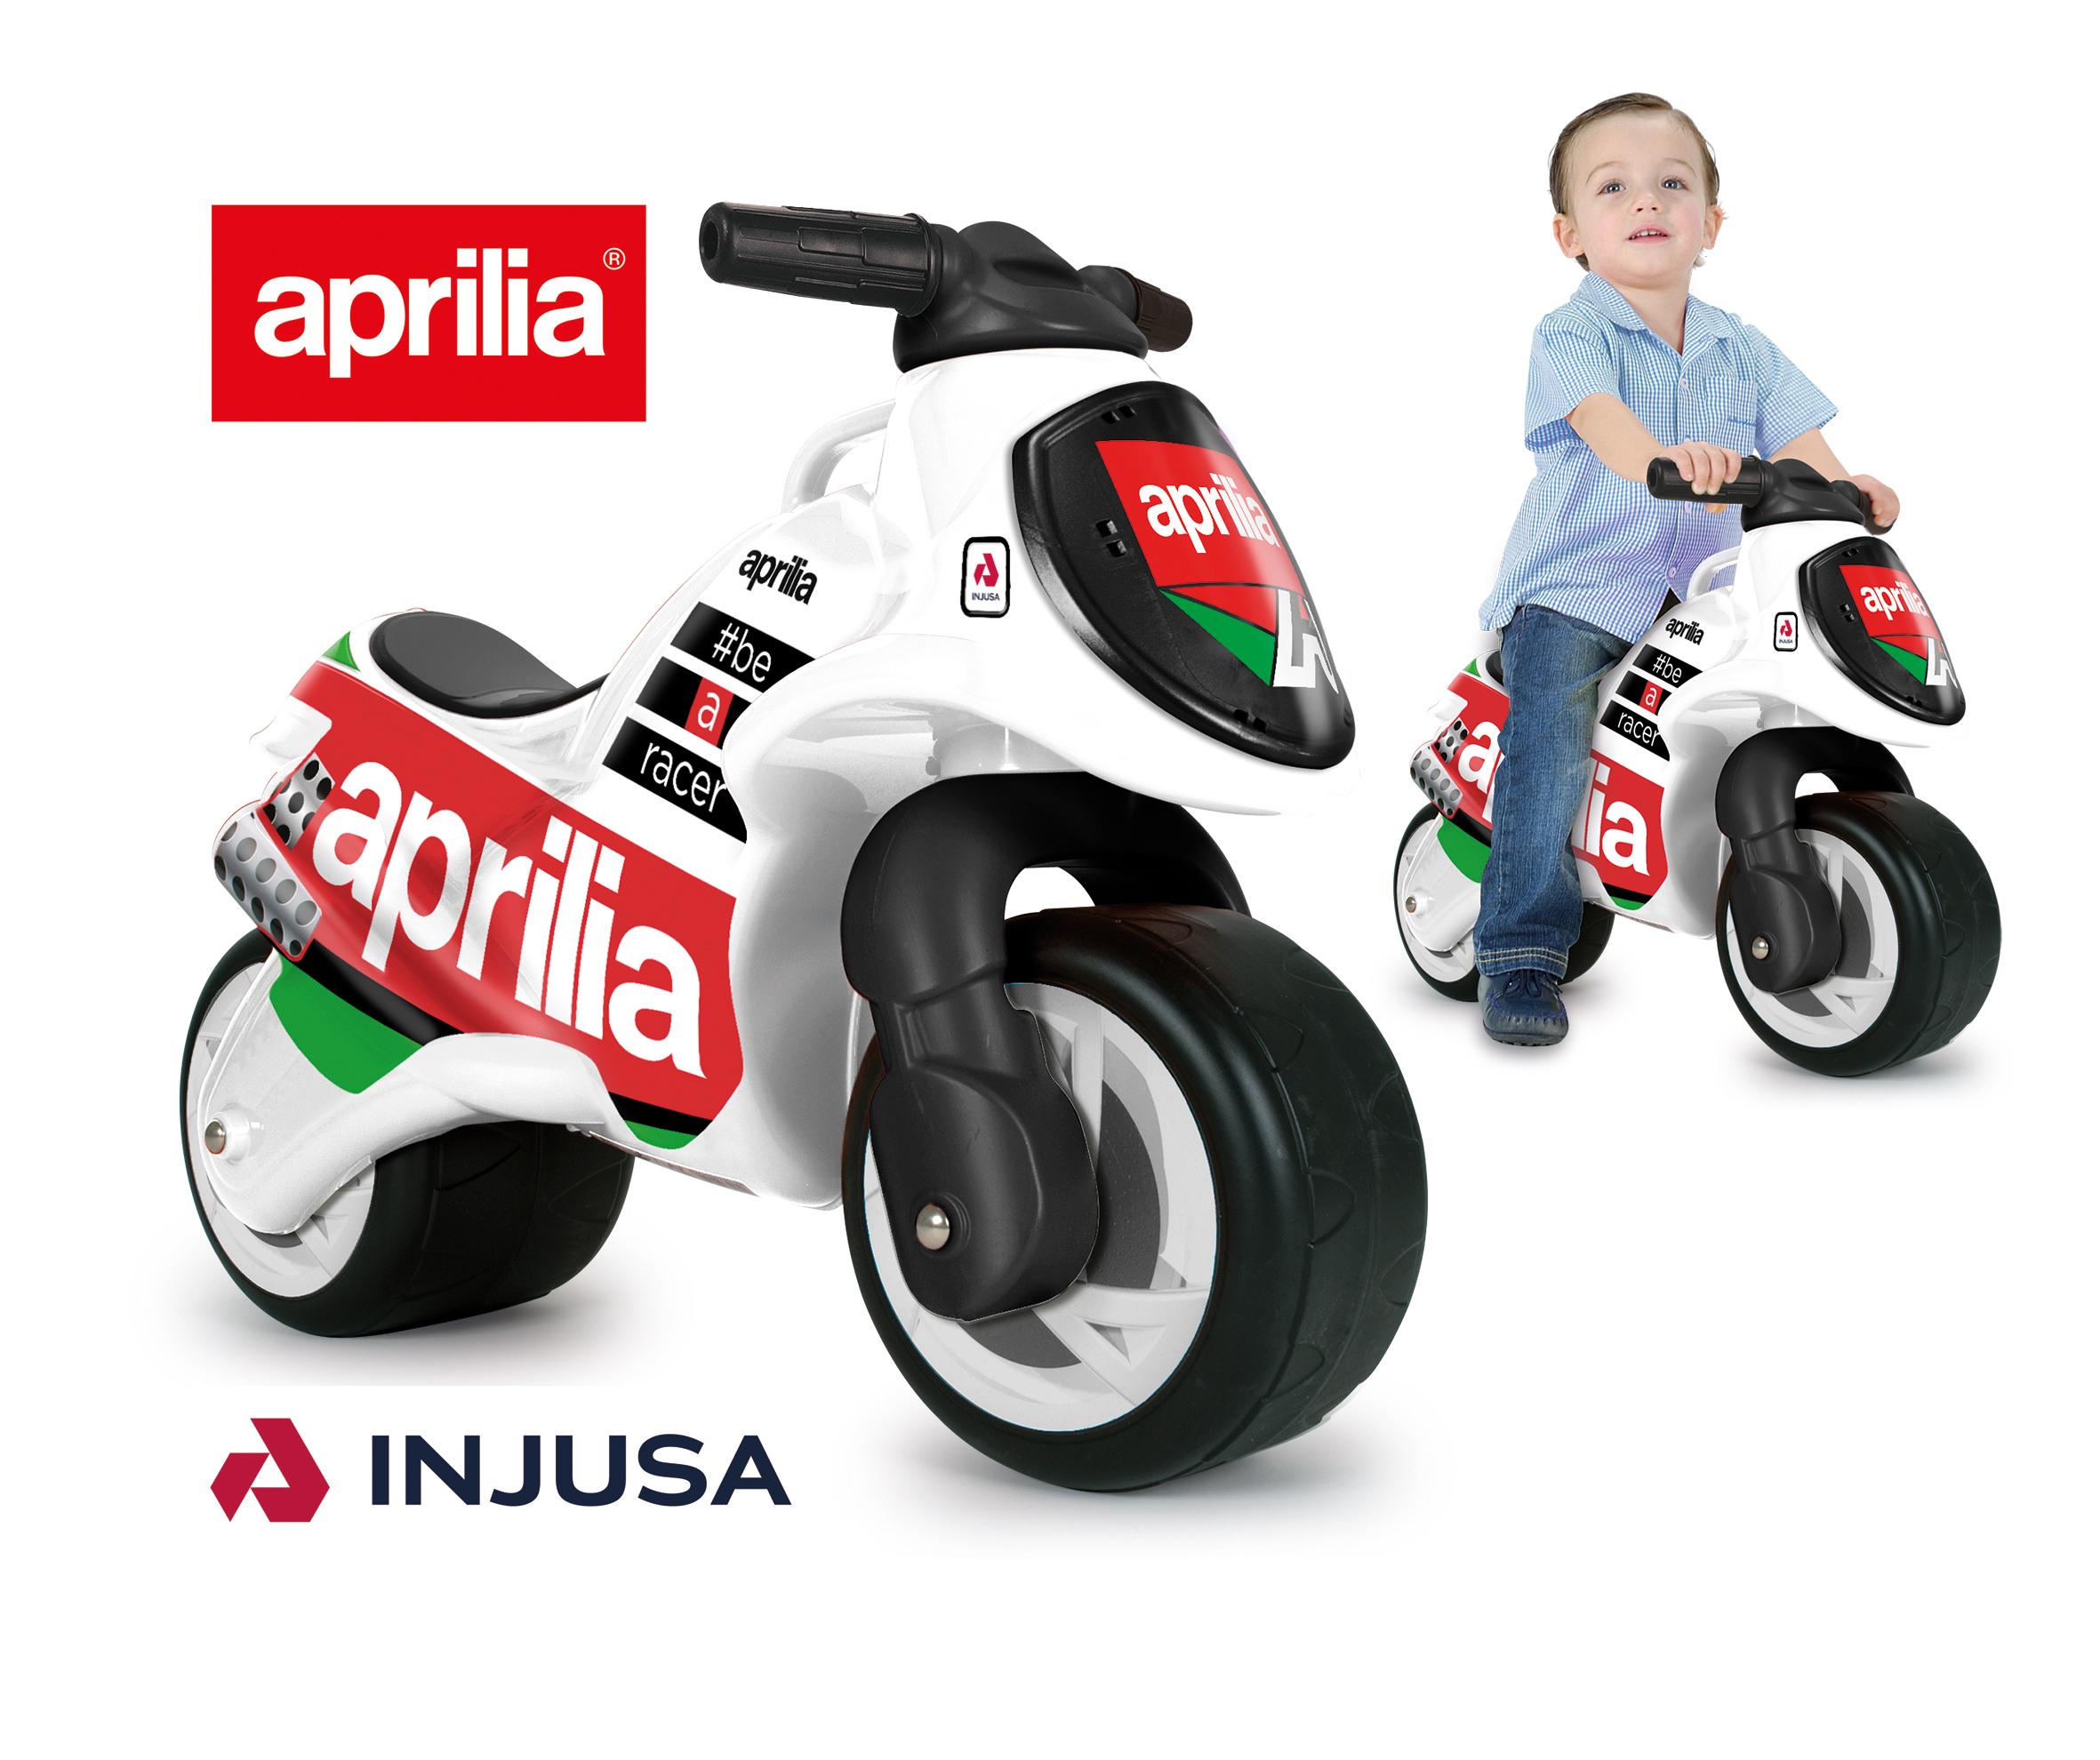 MOTO NEOX APRILIA 19000 - N37519